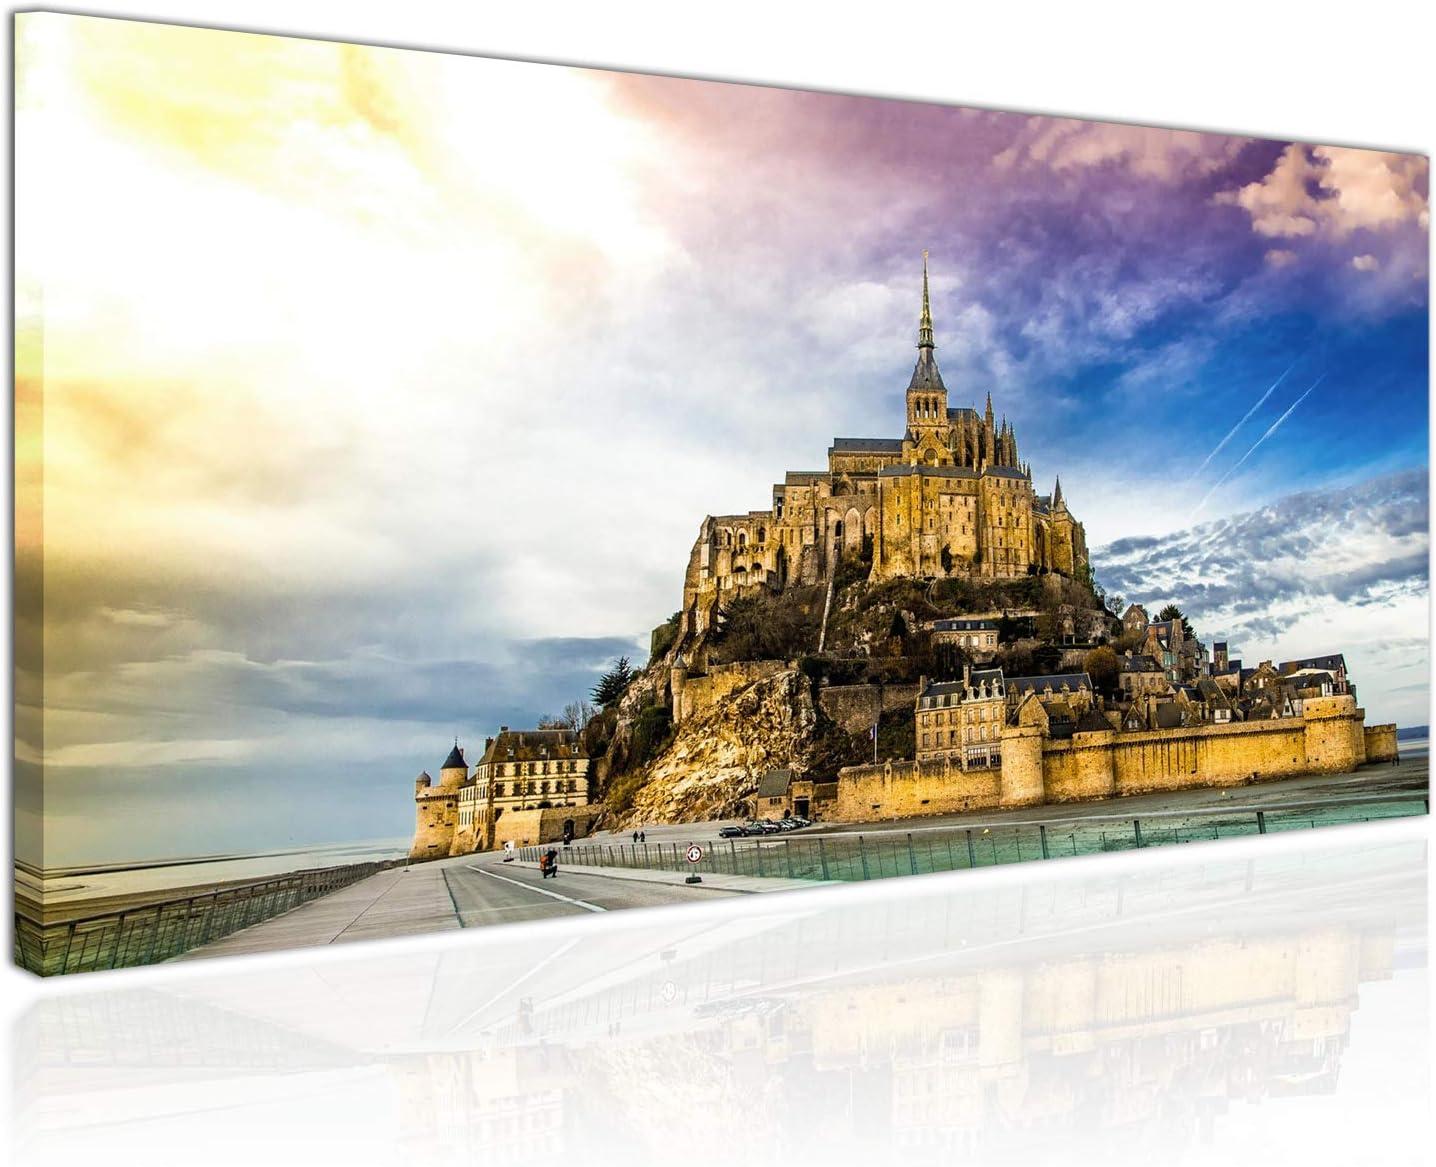 Fantasie Bild auf Leinwand Berge und Winterlandschaften Kirche auf Dem H/ügel Topquadro Wandbild Einteilig Leinwandbild 70x50cm Keilrahmenbild